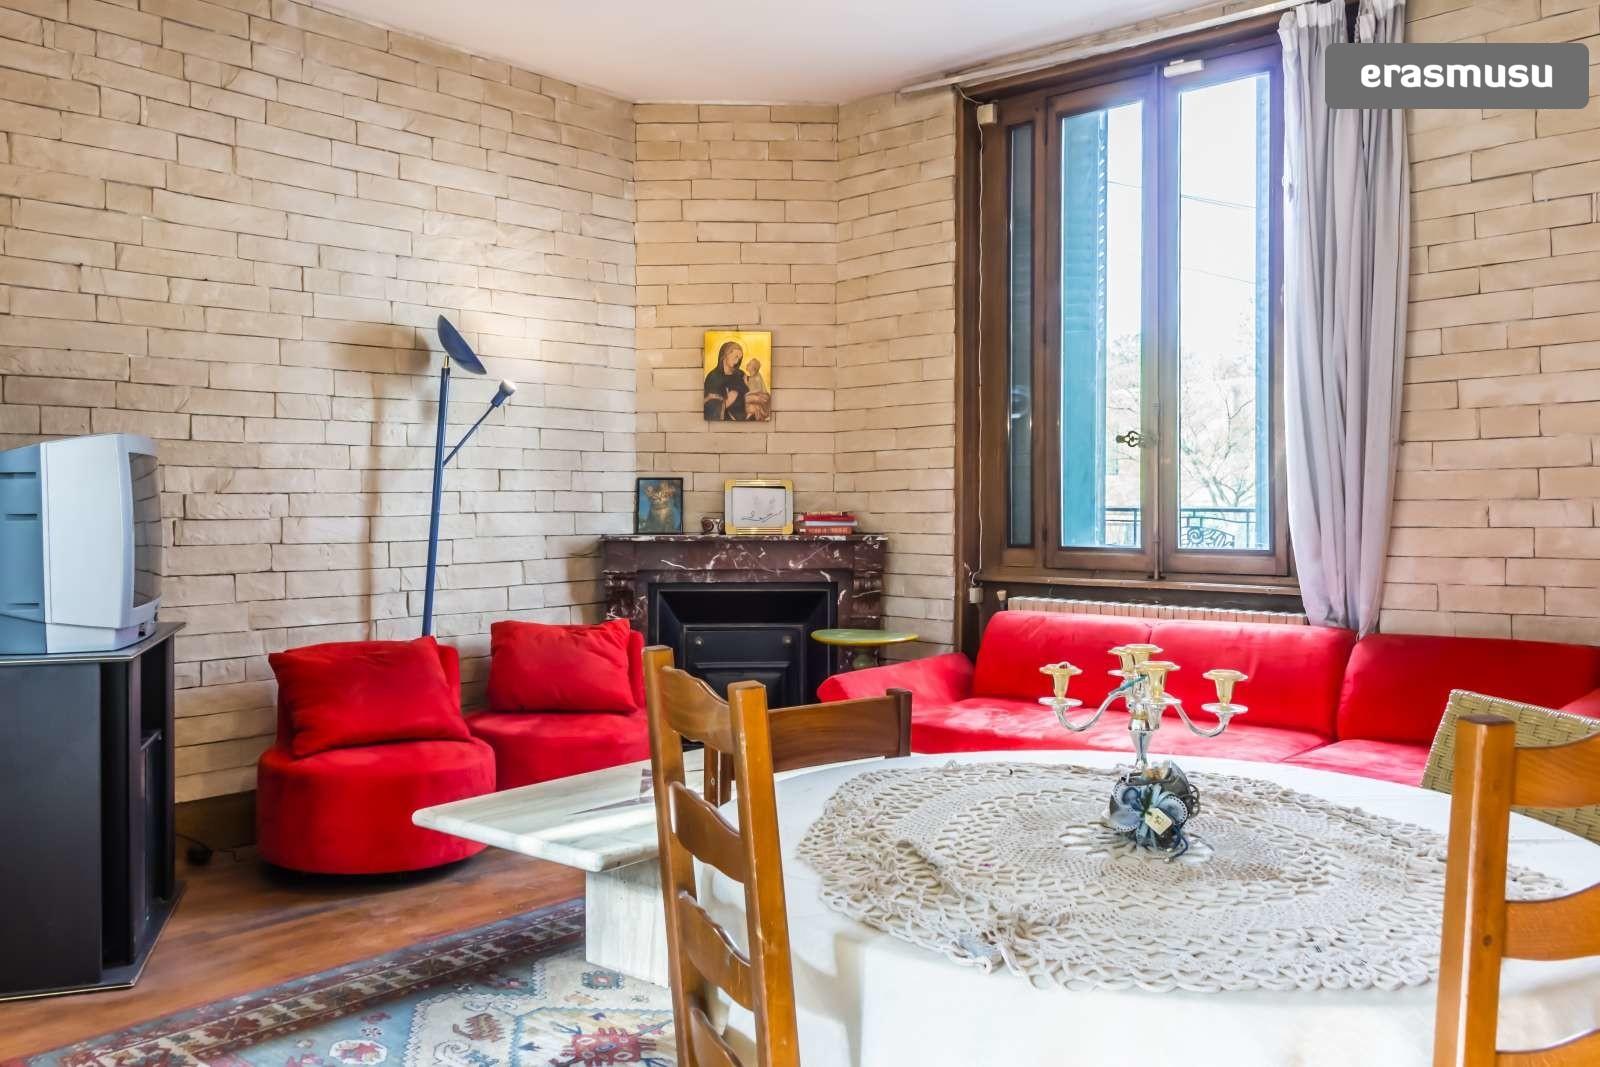 large-1-bedroom-apartment-dryer-rent-villeurbanne-area-27a919582